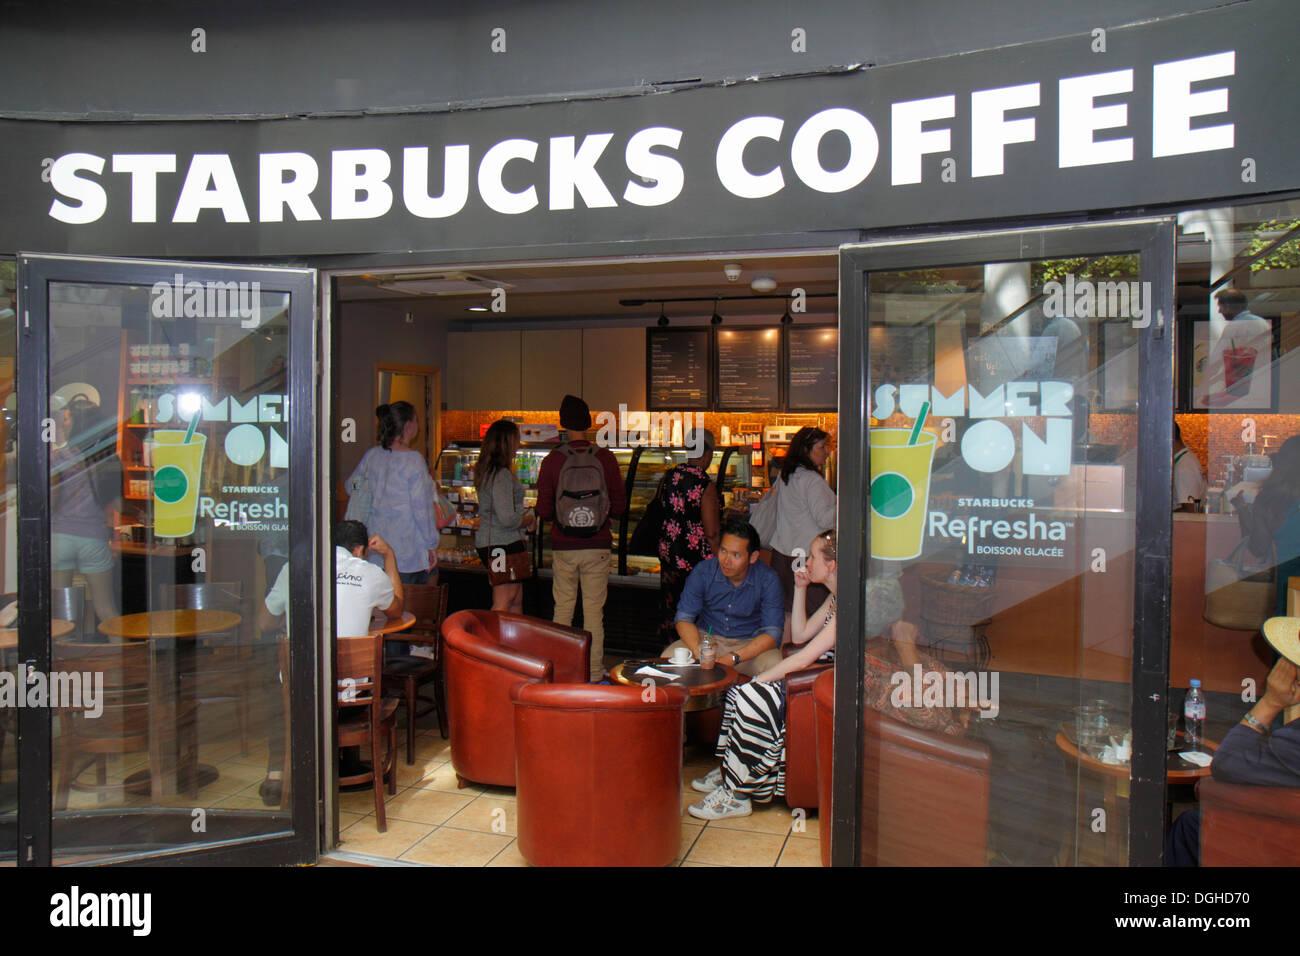 Place Du Havre Paris Stock Photos & Place Du Havre Paris Stock ...